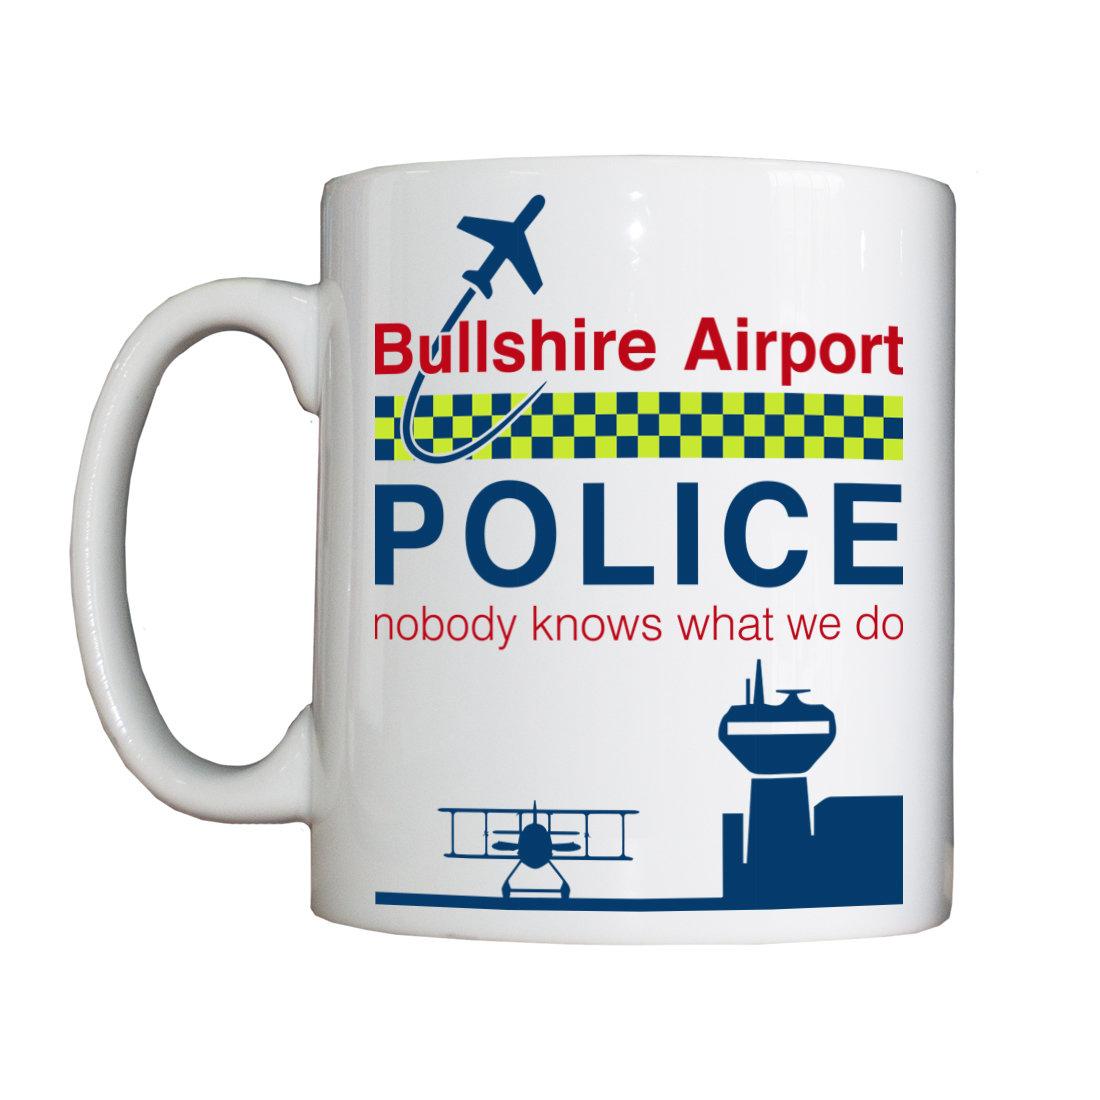 """Personalised """"Bullshire Airport Police"""" Drinking Vessel PlaneAirportPoliceVessel"""